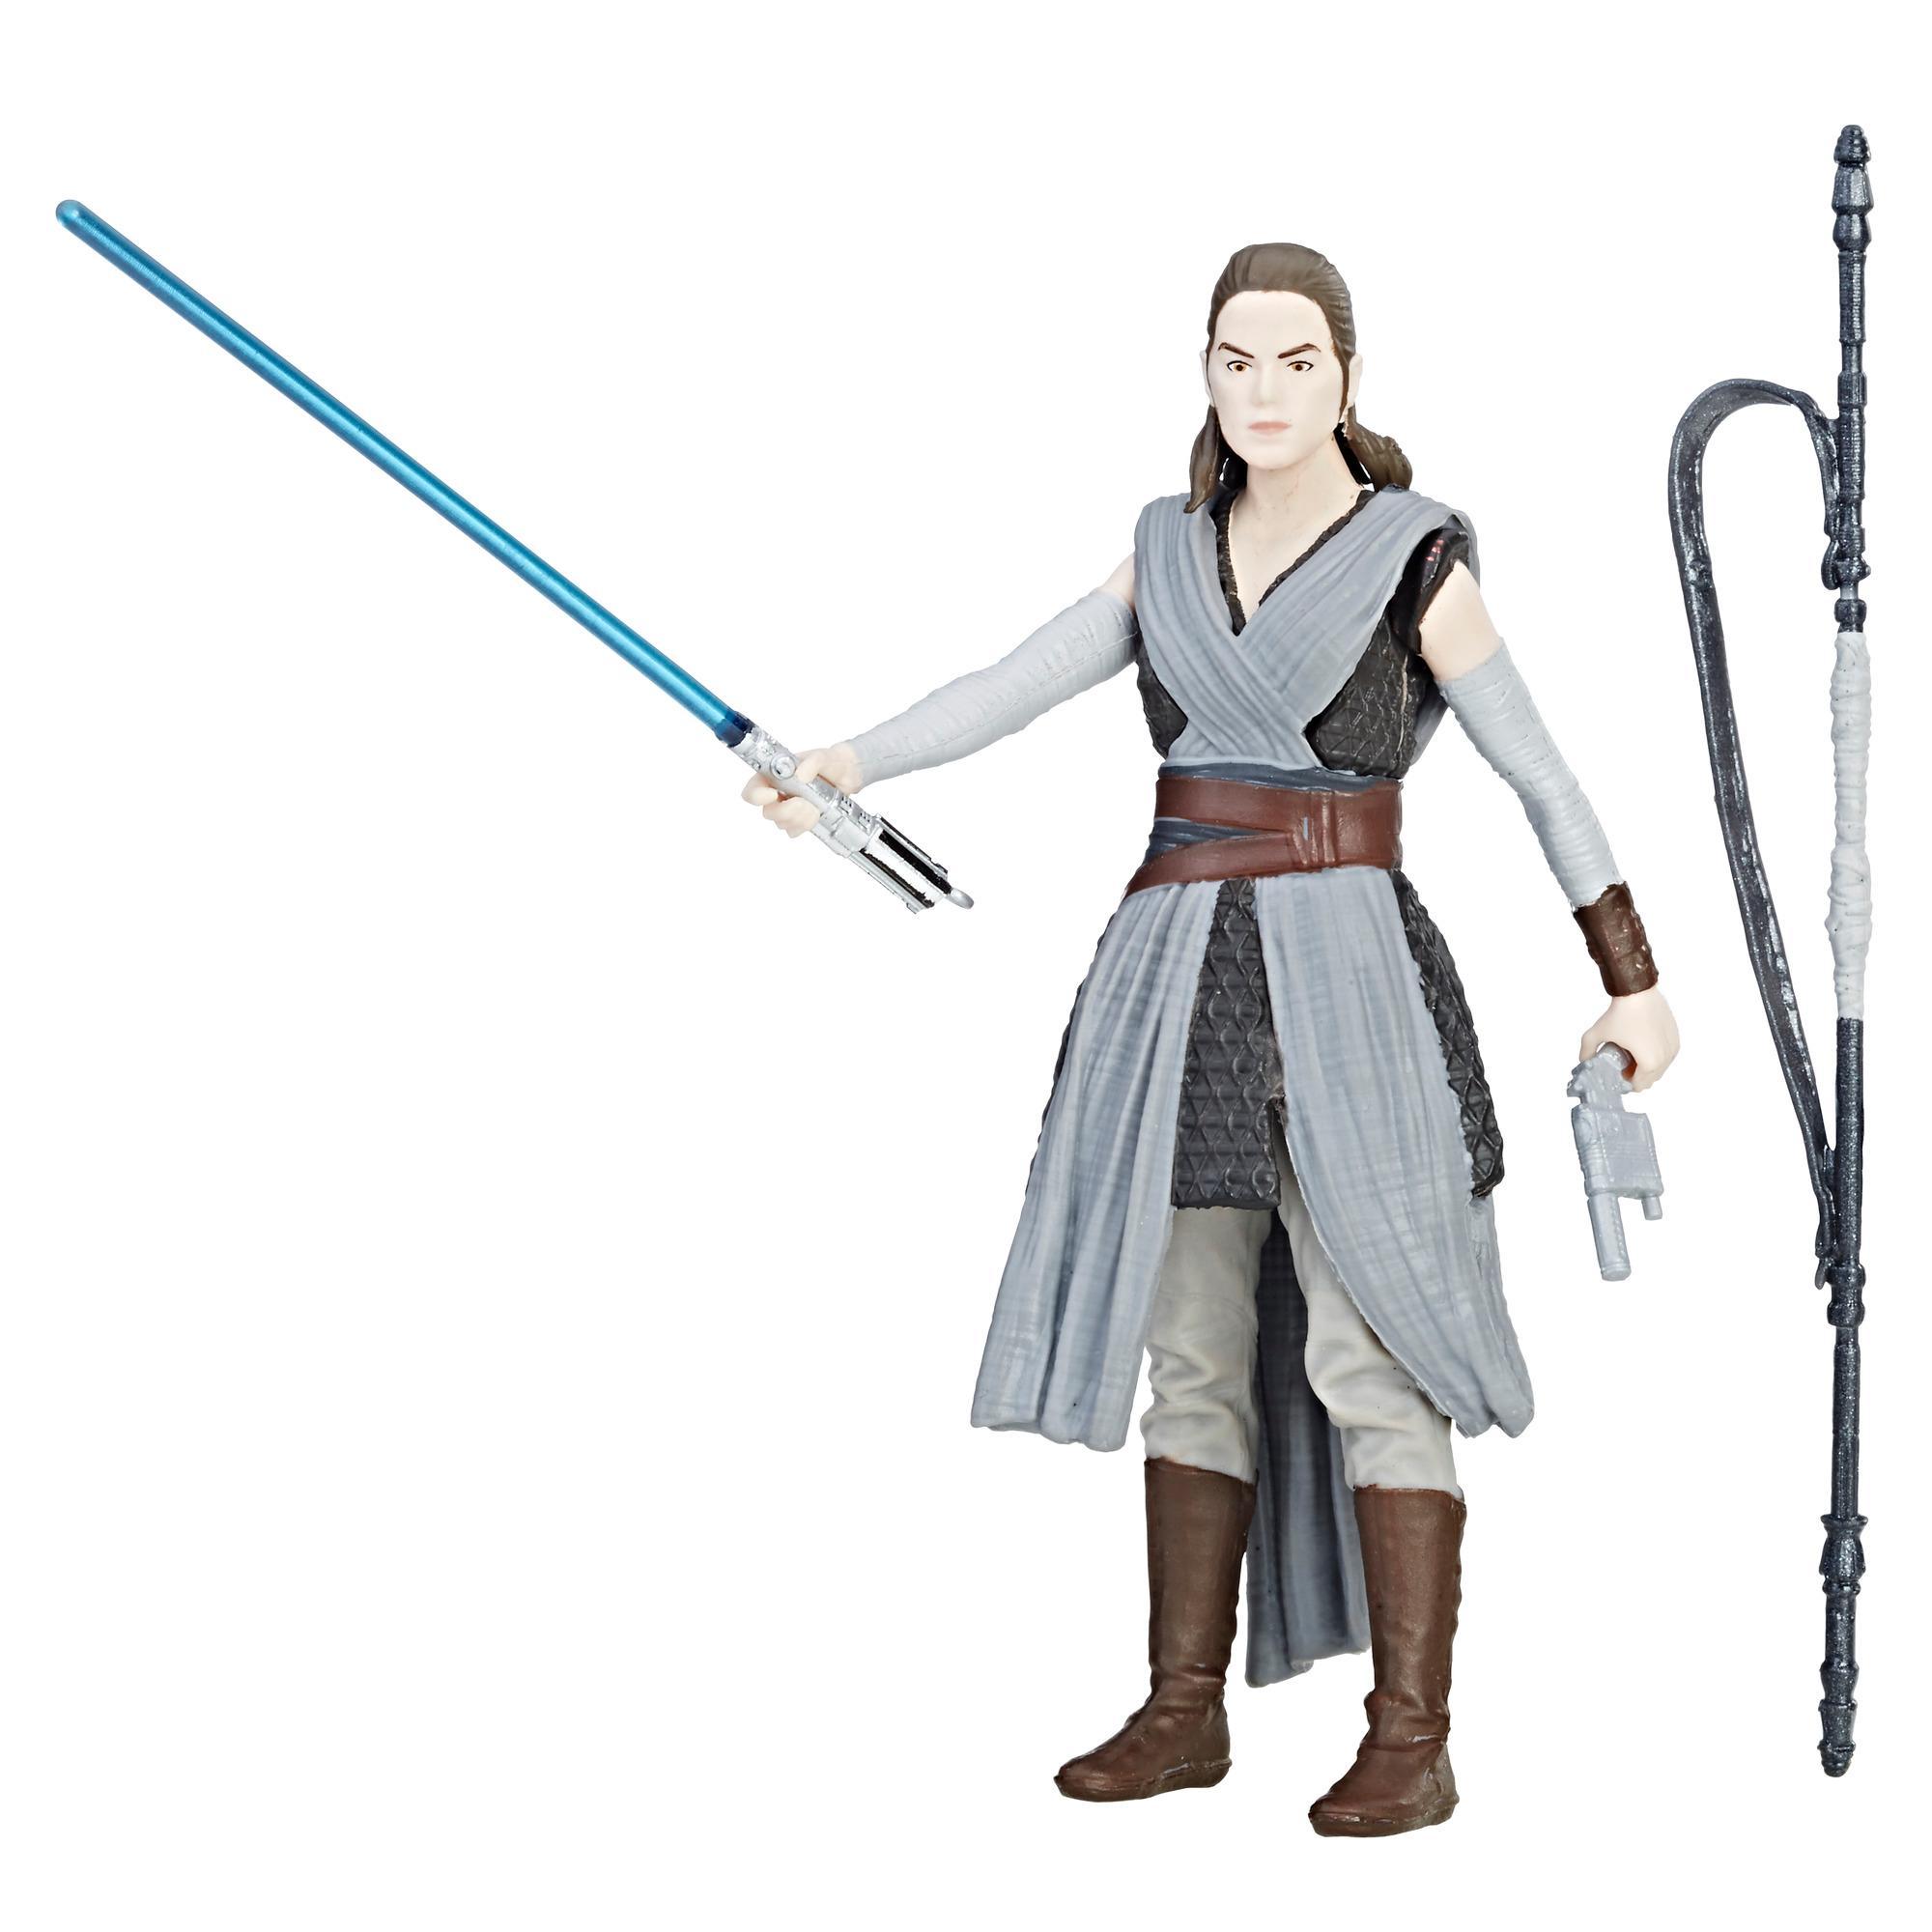 Star Wars Rey (Aventura en la isla) - Figura Force Link